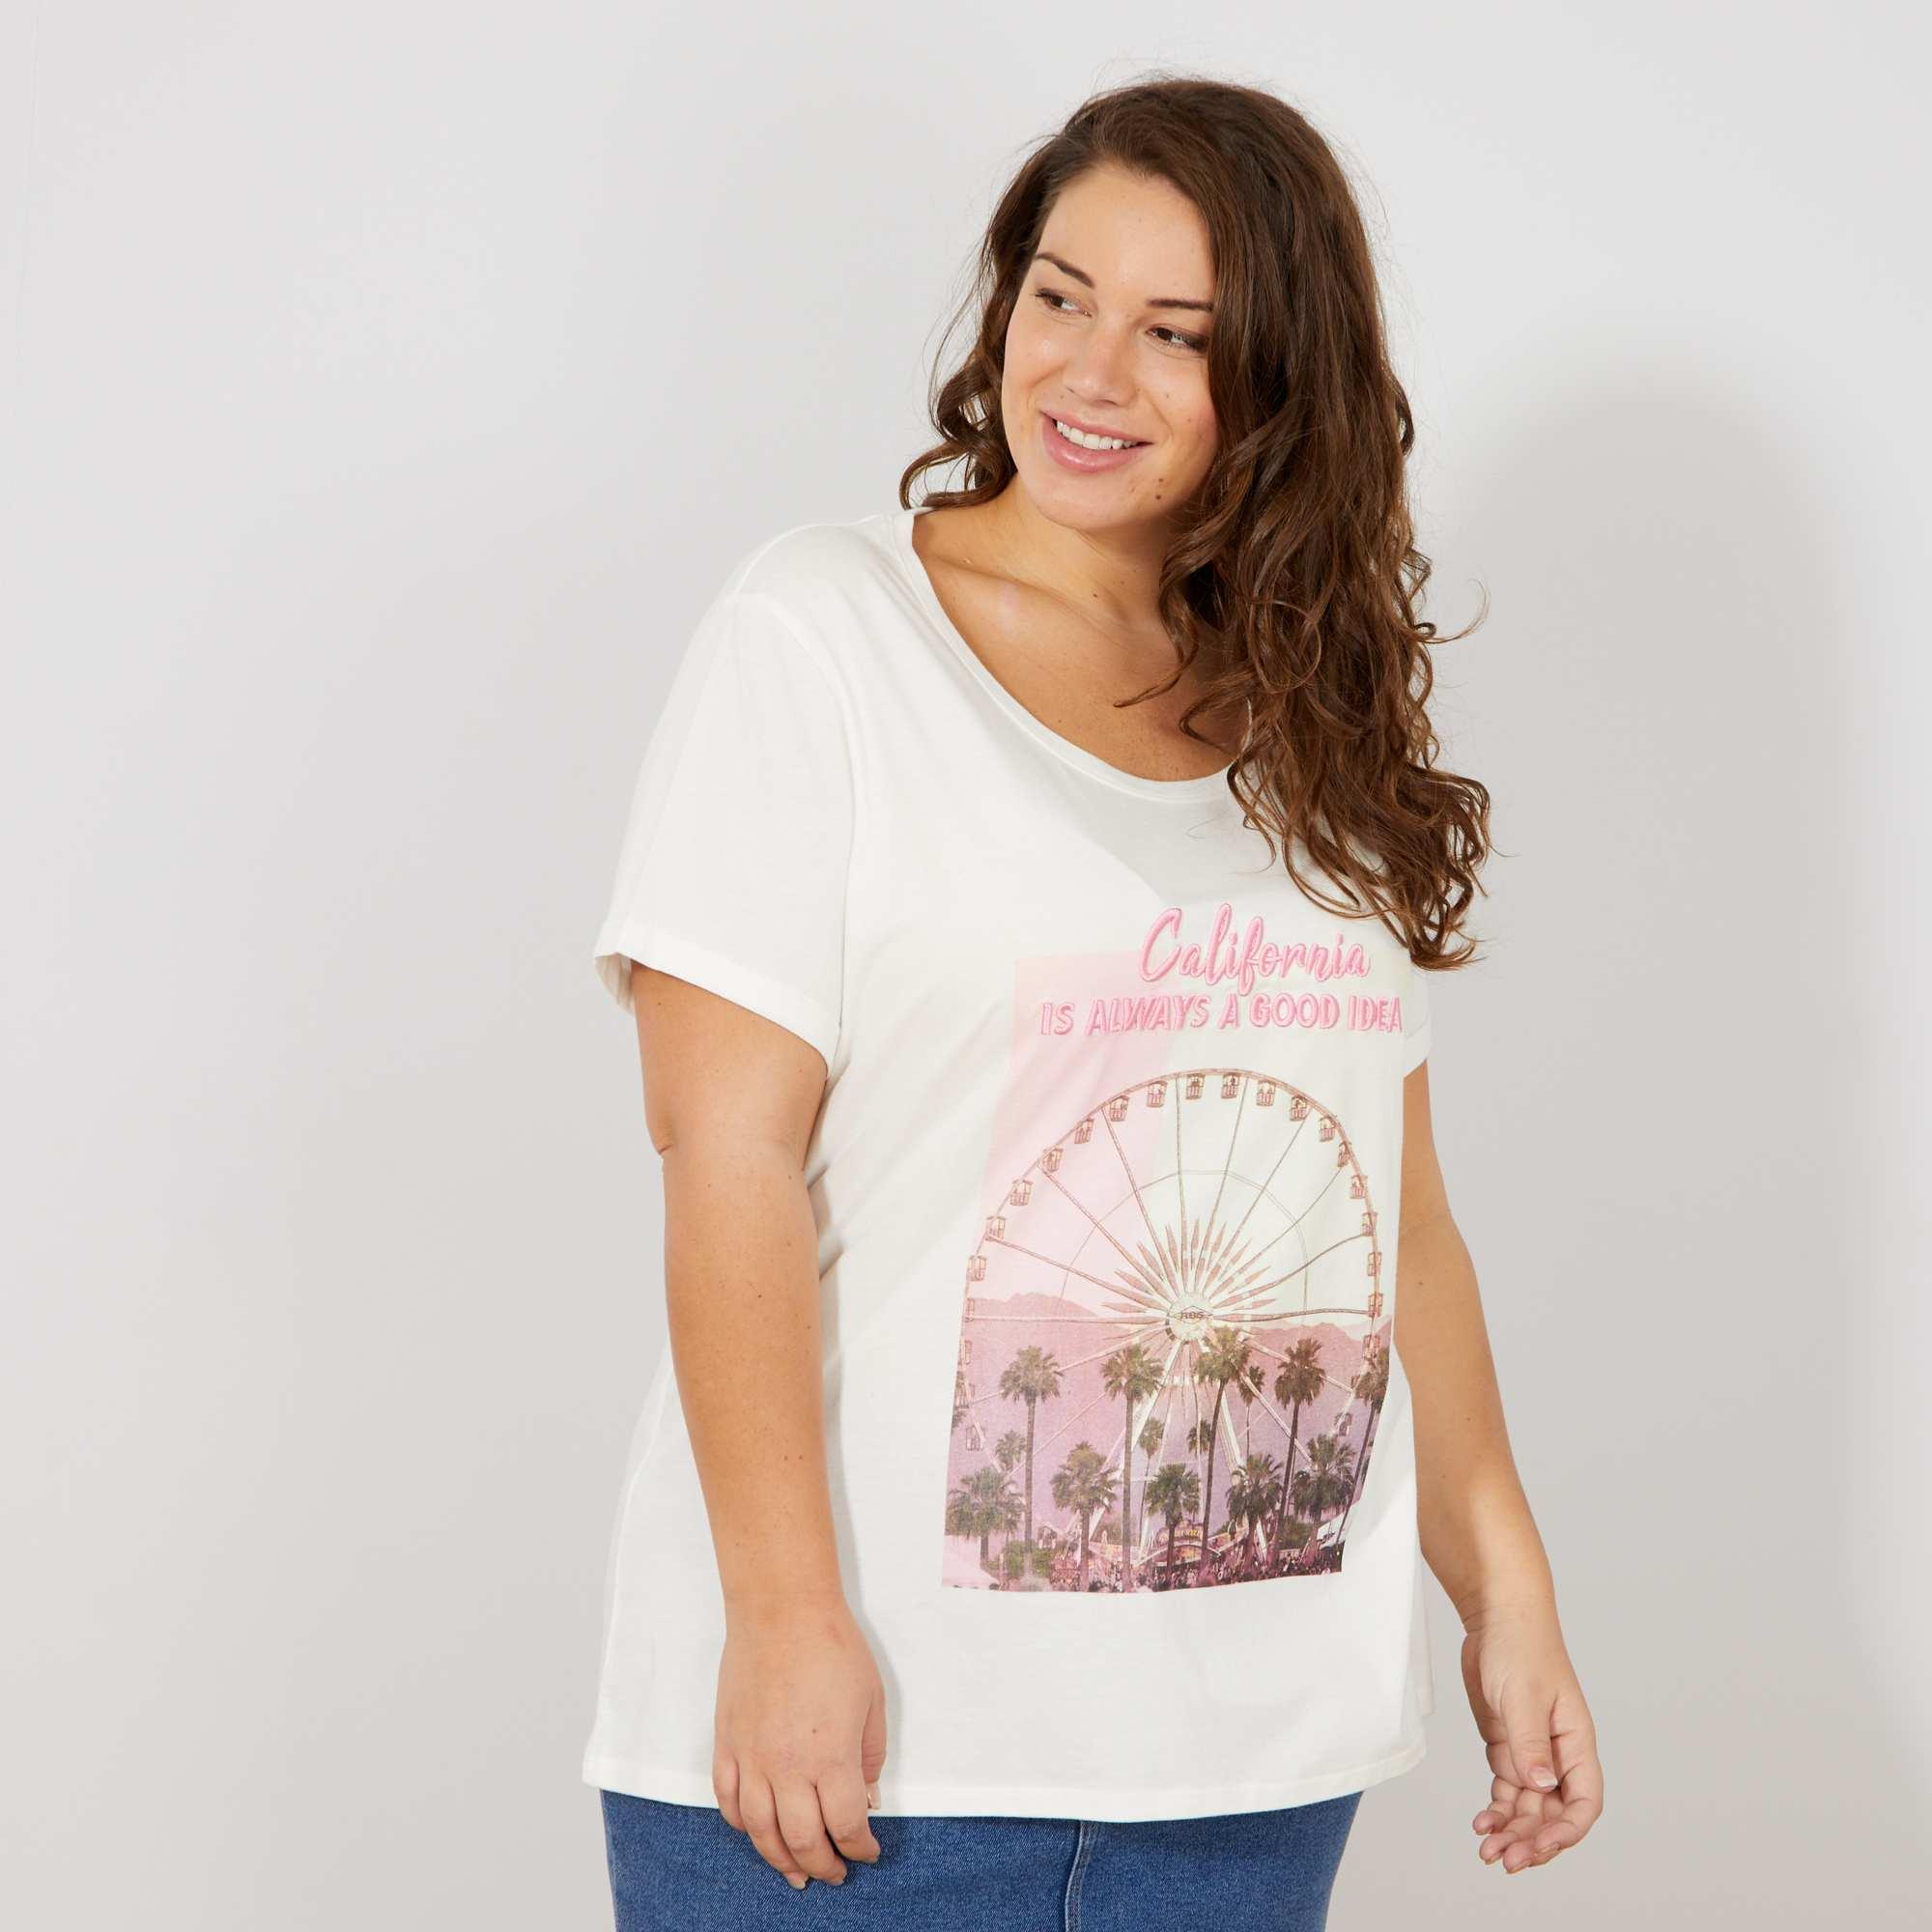 d8c1a6693 Camiseta con photoprint y bordado Tallas grandes mujer - BLANCO ...